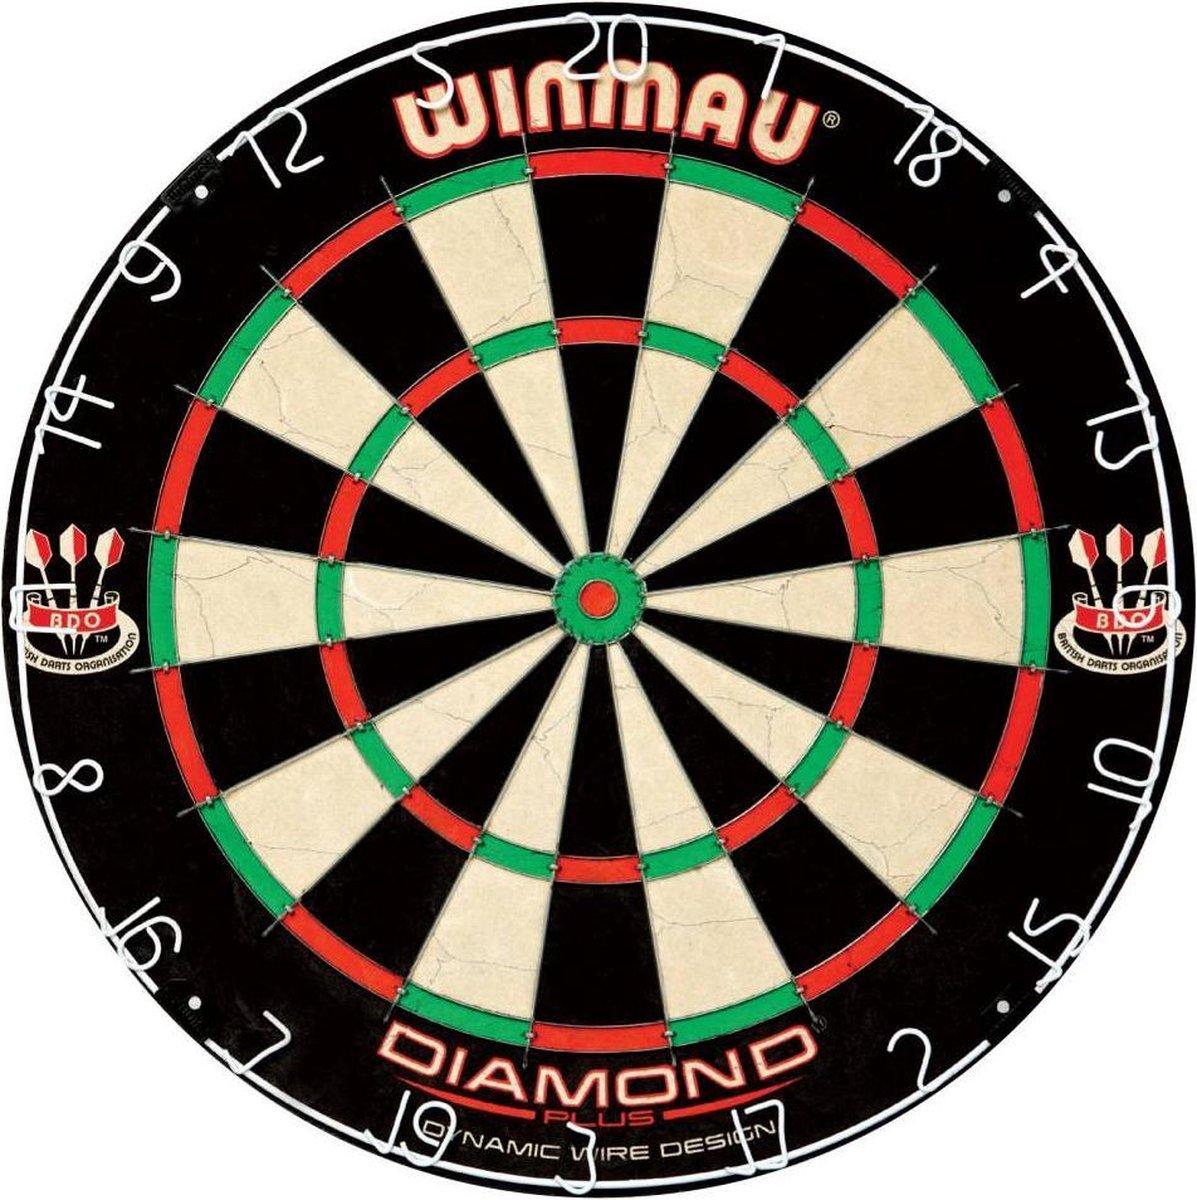 Dartbord Winmau Diamond wired